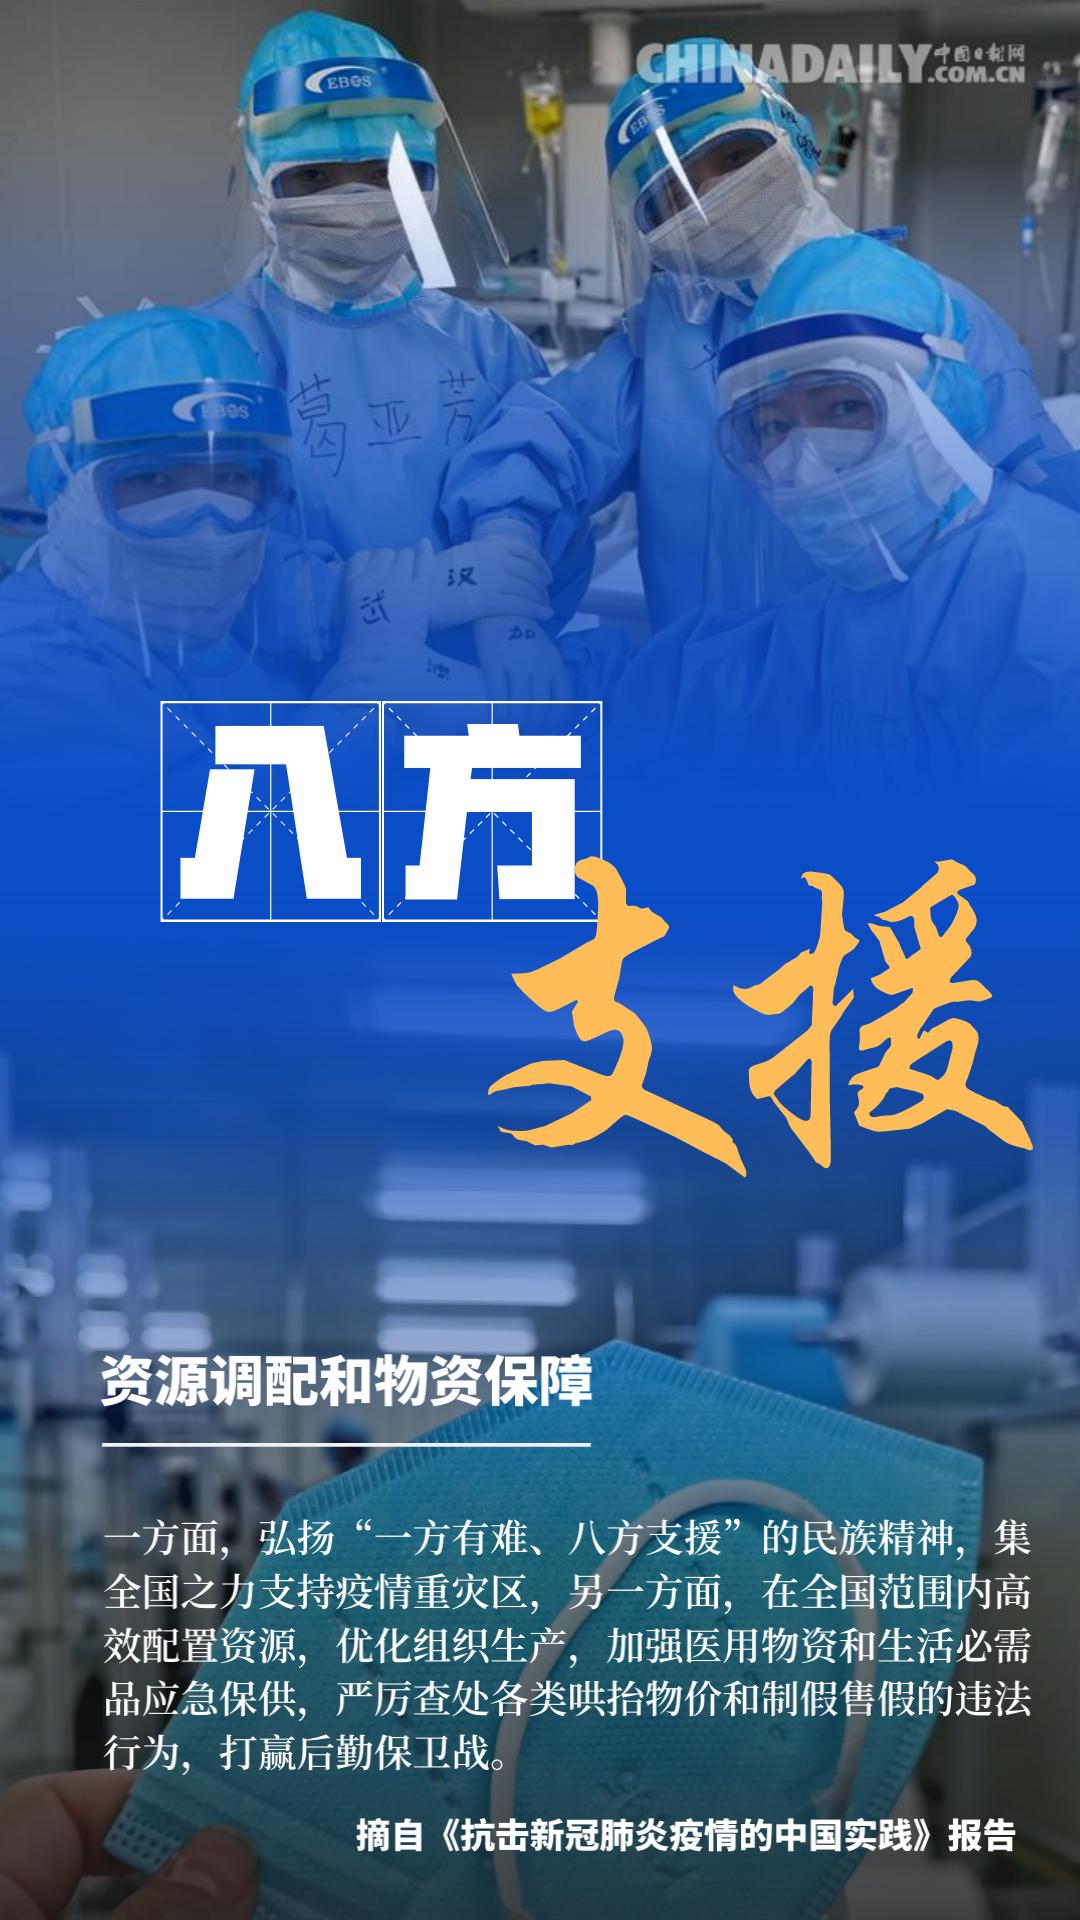 社会实践_海报 抗击新冠肺炎疫情的中国实践 - 中国日报网